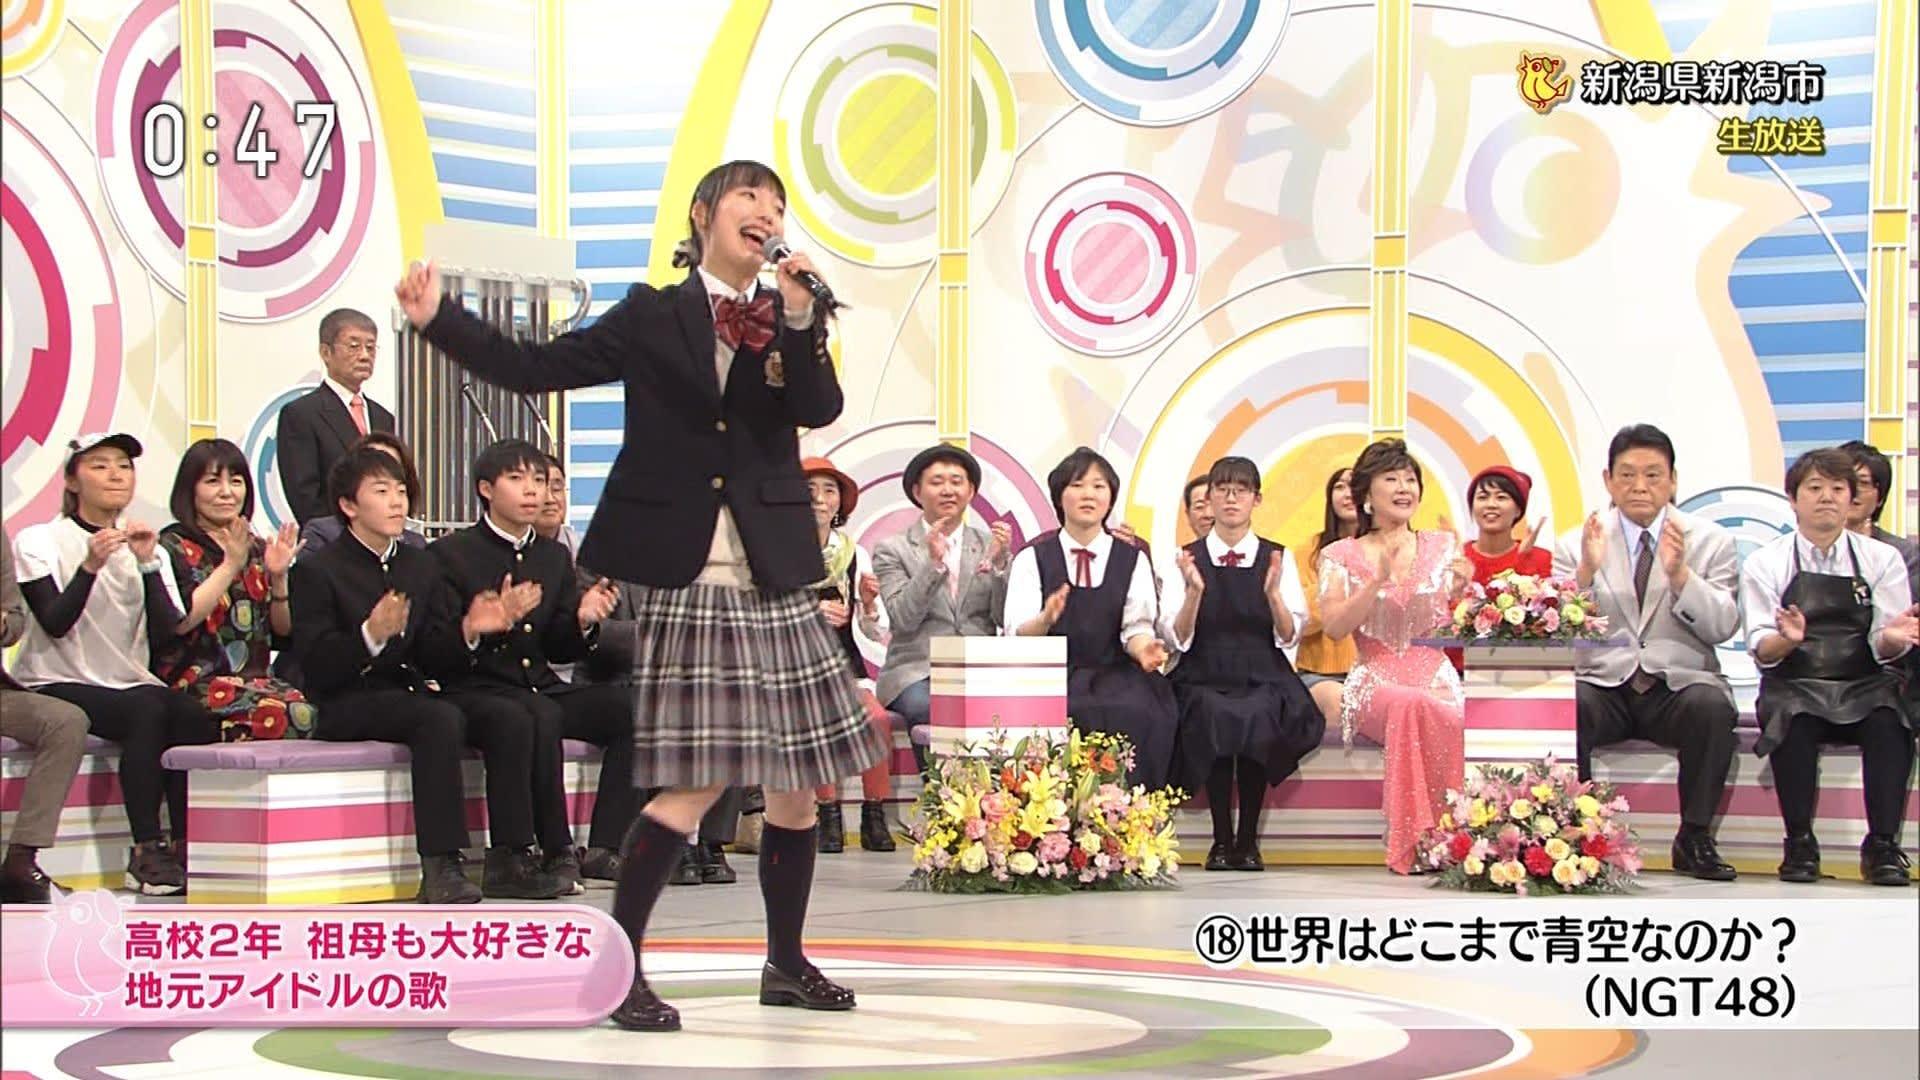 【画像】 NHK『のど自慢』に出演した新潟の女子高生、美少女すぎると話題wwwⅴww